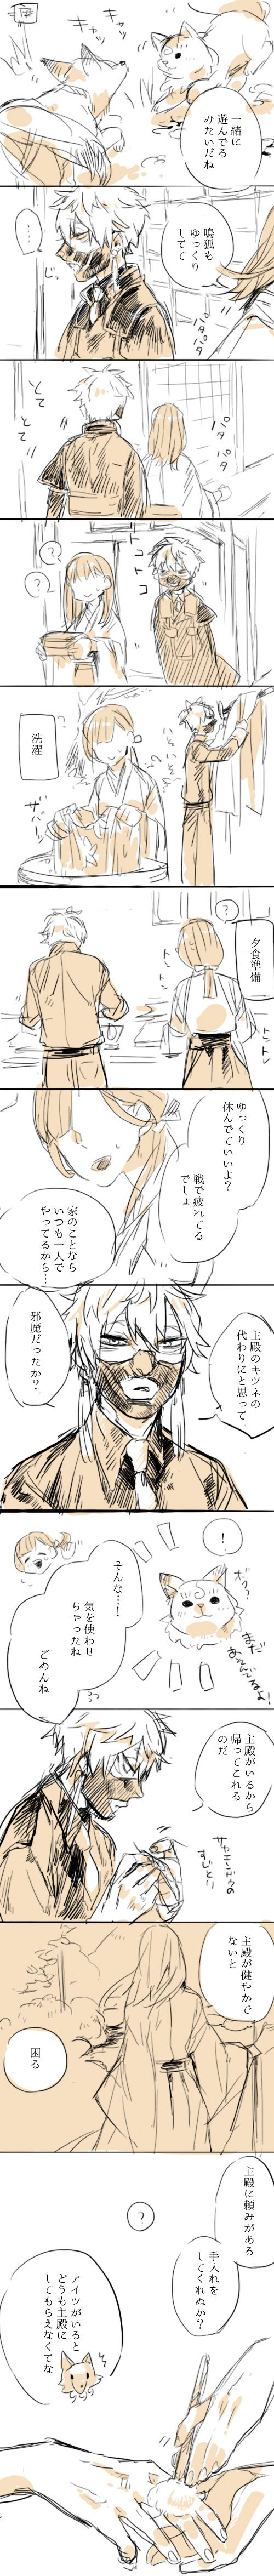 「鳴狐とさにわ♀ちゃん」/「おむ・ザ・ライス」の漫画 [pixiv]